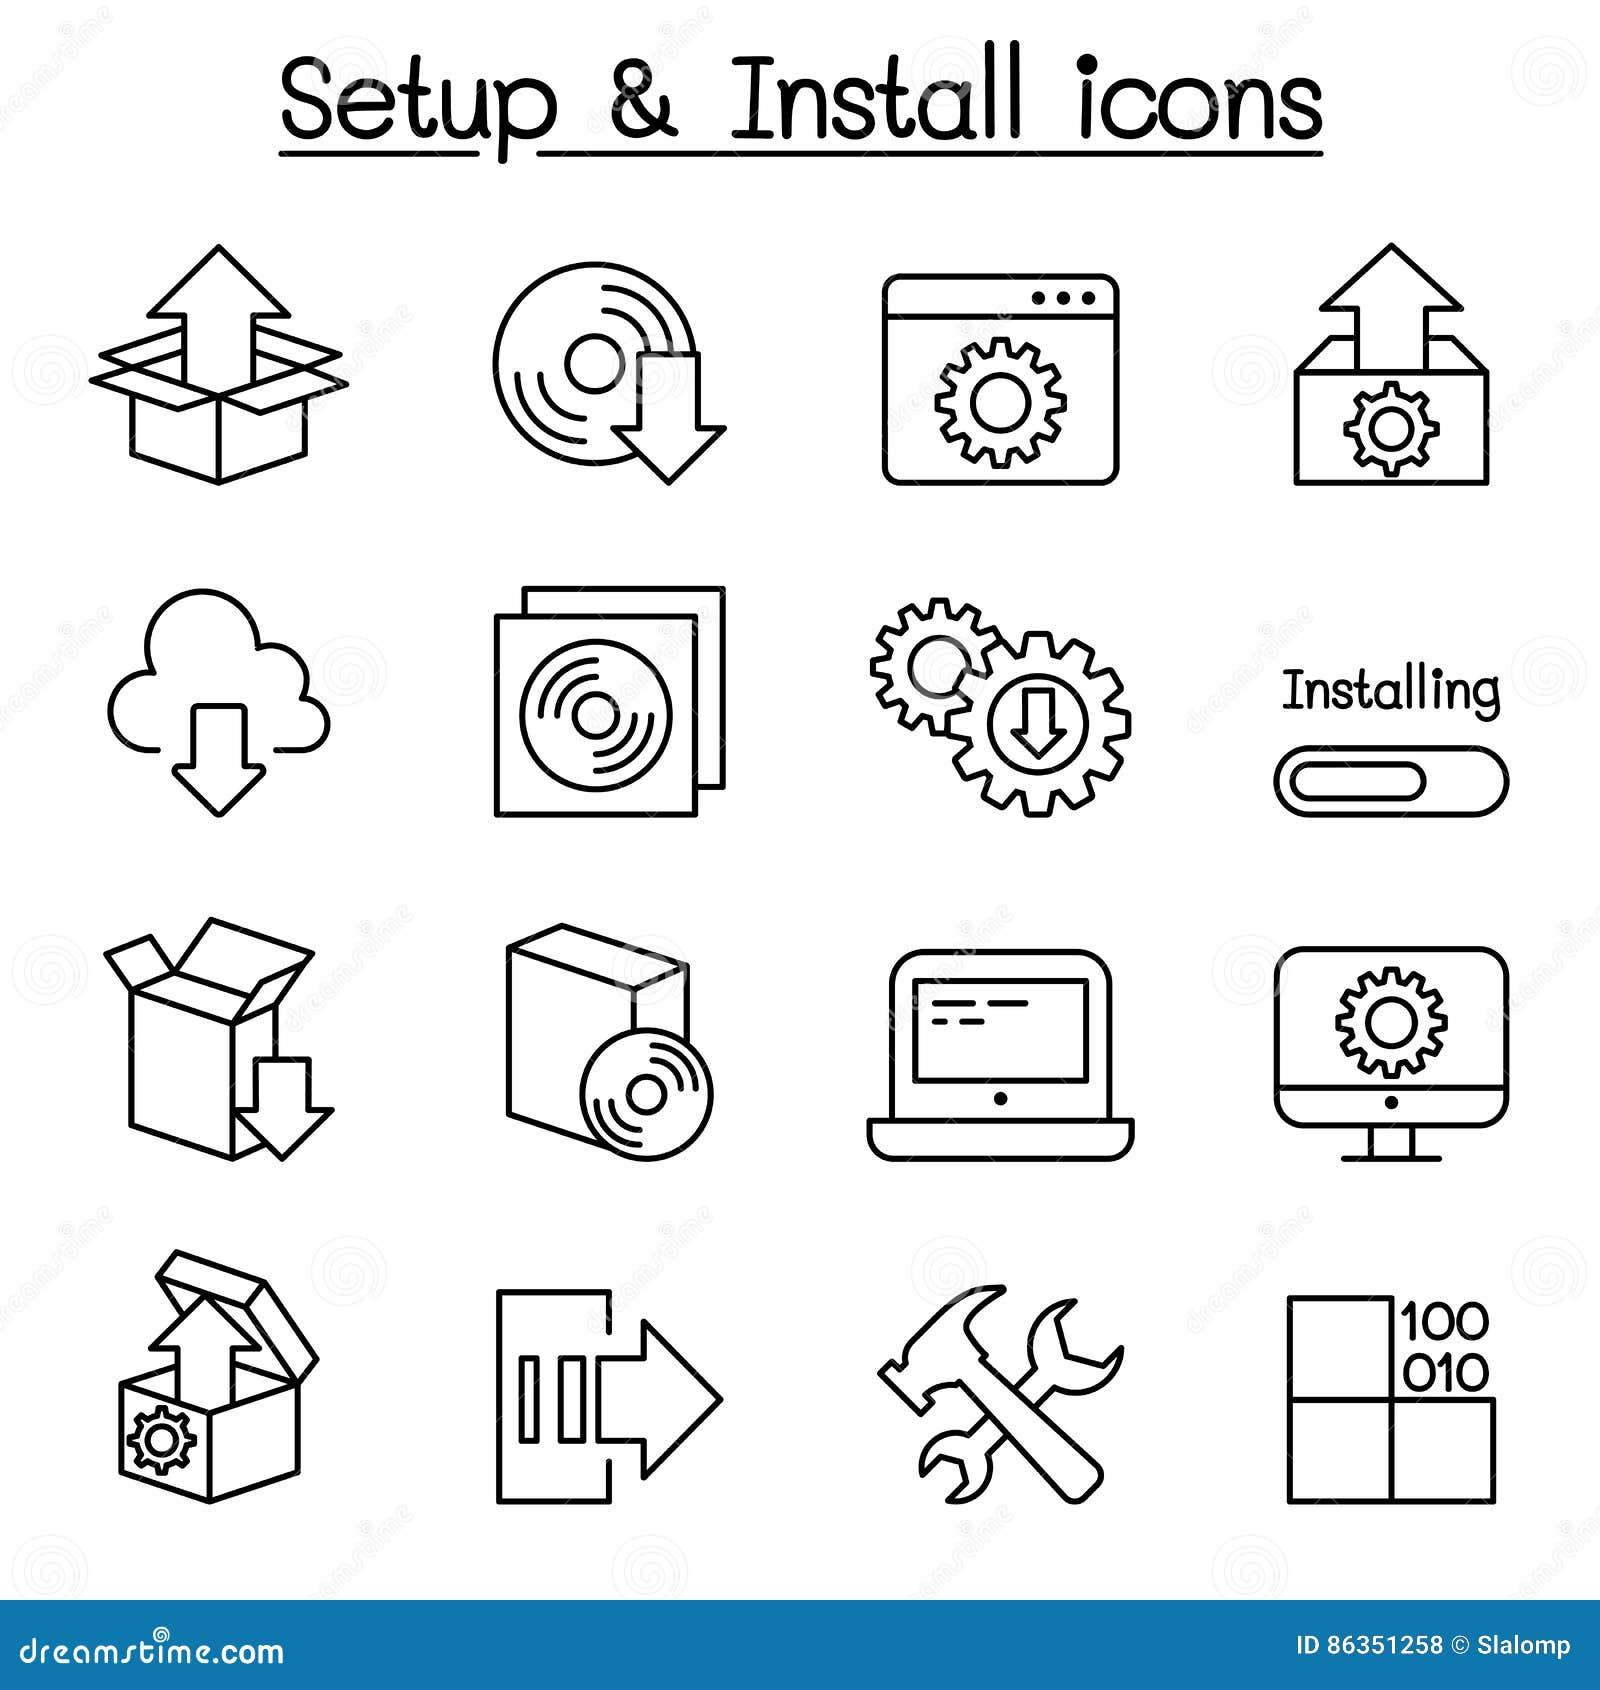 Disposición, configuración, mantenimiento y sistema del icono de la instalación